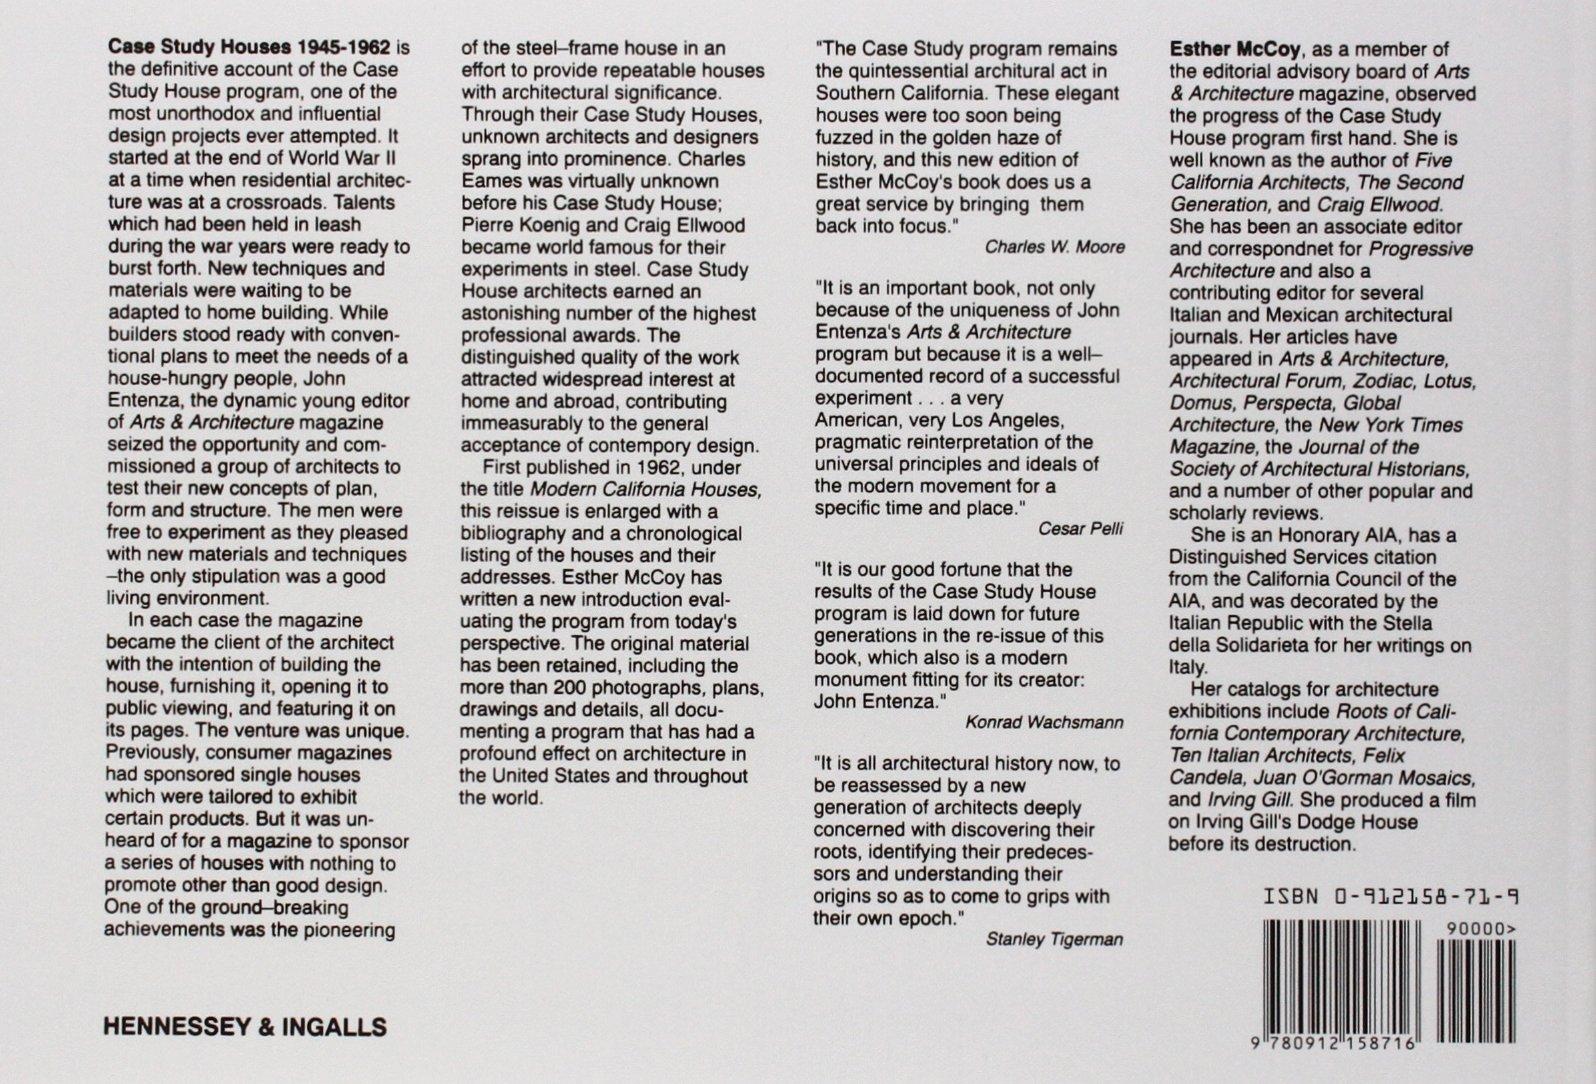 Amazon books case study houses   udgereport   web fc  com Amazon UK